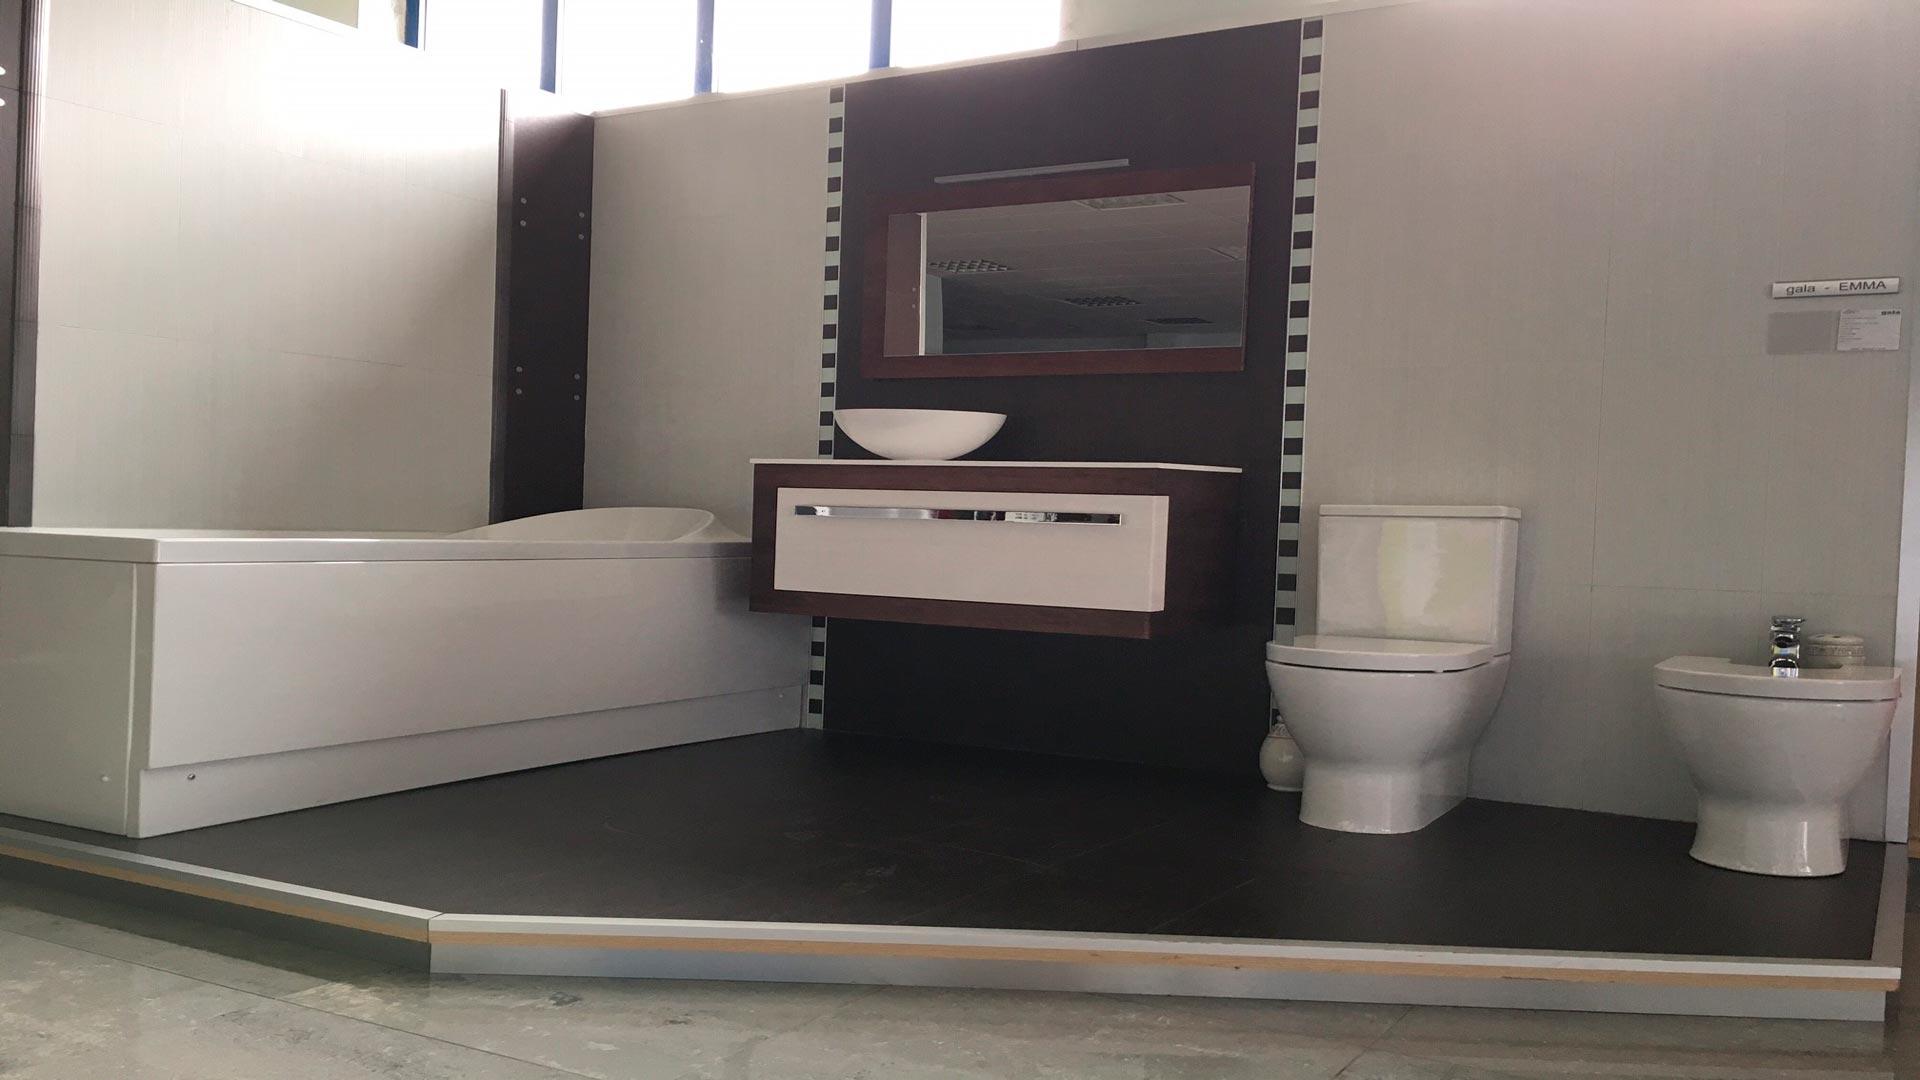 Nuevo mueble para nuestra exposici n for Muebles de exposicion baratos